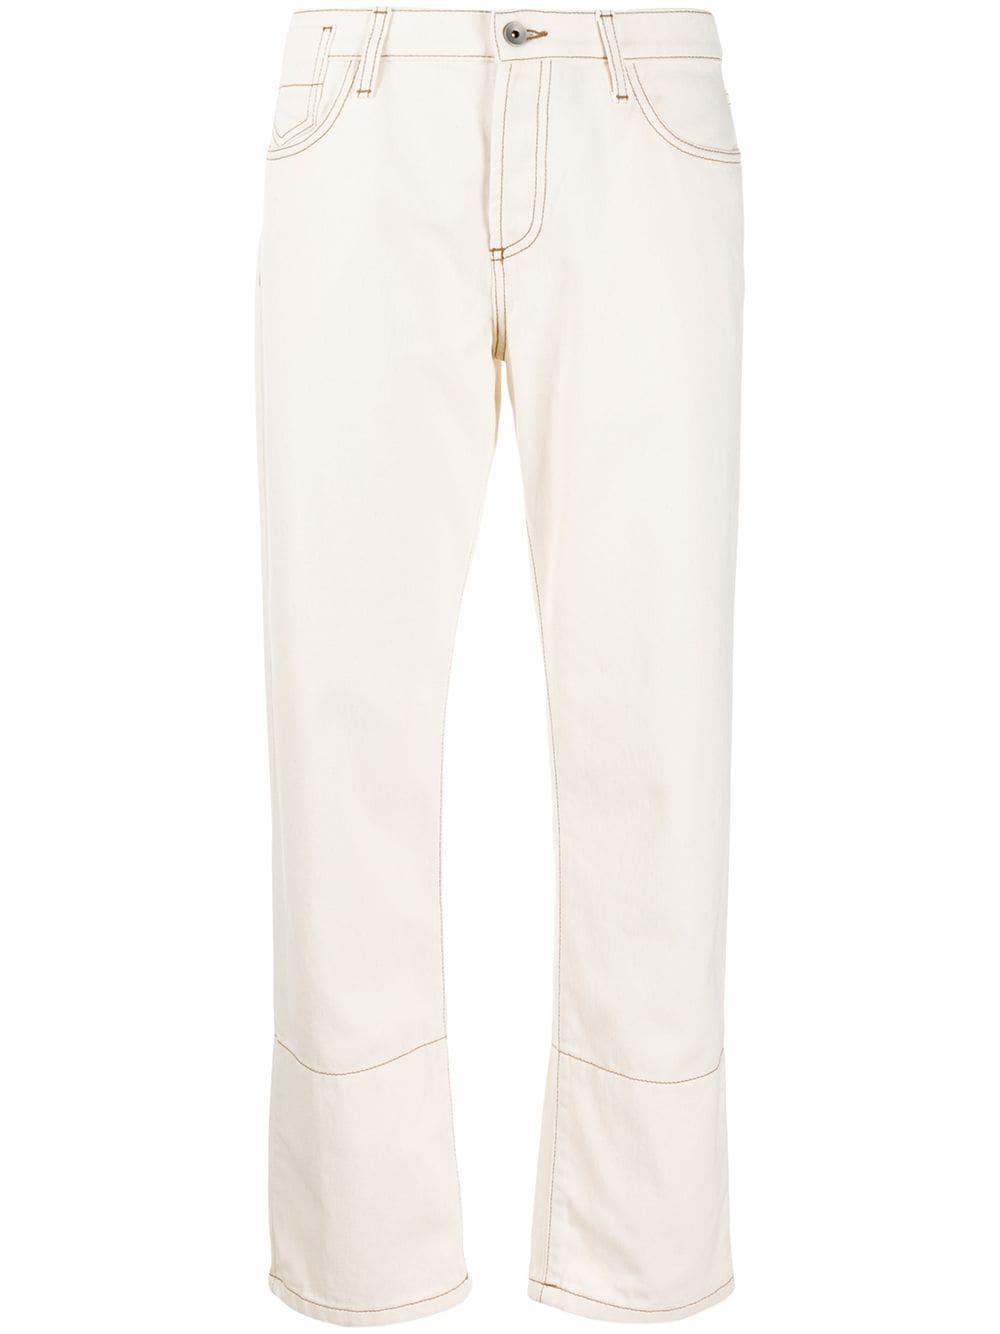 MARNI Cotton jeans MARNI | Jeans | PAJDK01MQ2TCX3800W09